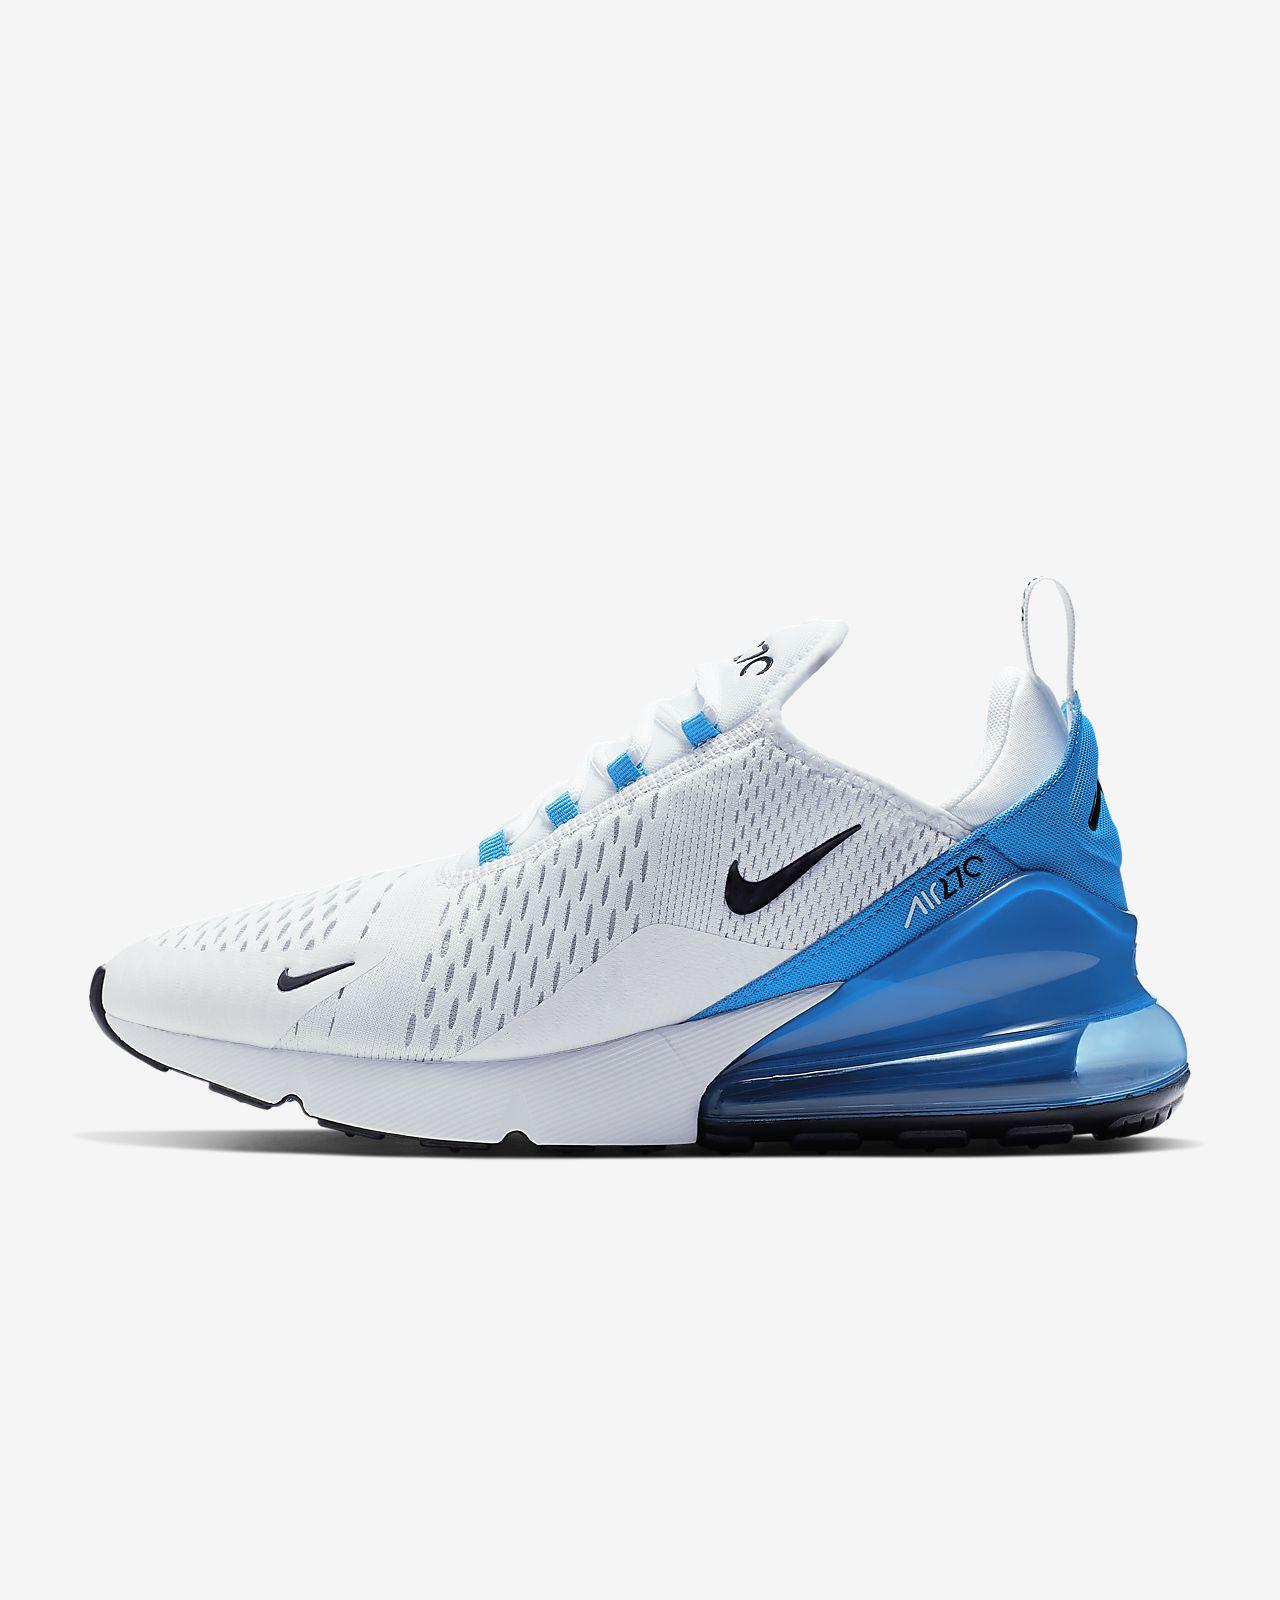 9586bf84ac095 Nike Air Max 270 Zapatillas - Hombre. Nike.com ES